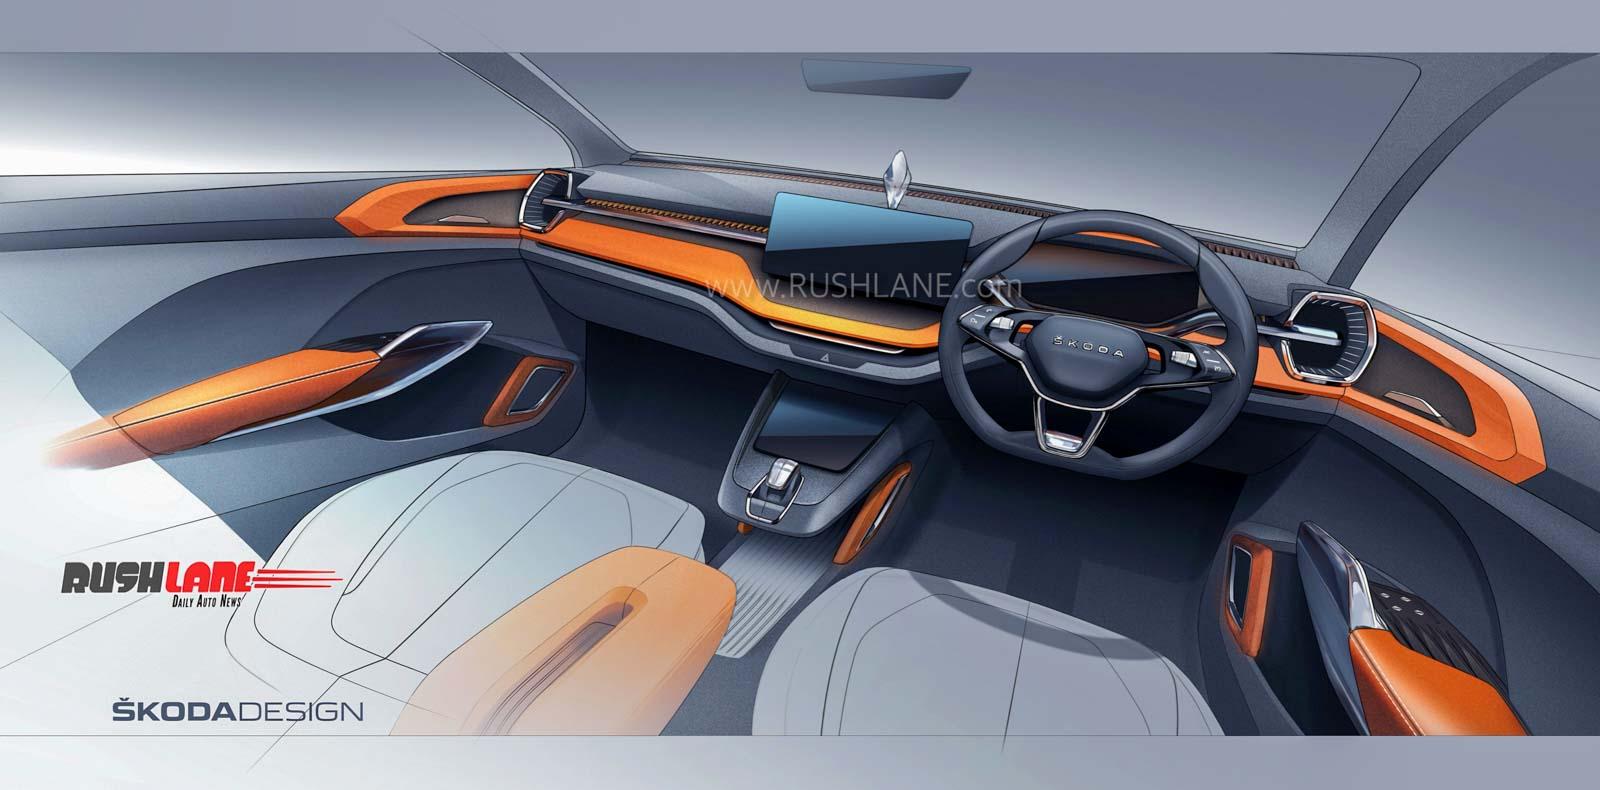 2020 Skoda Vision IN SUV